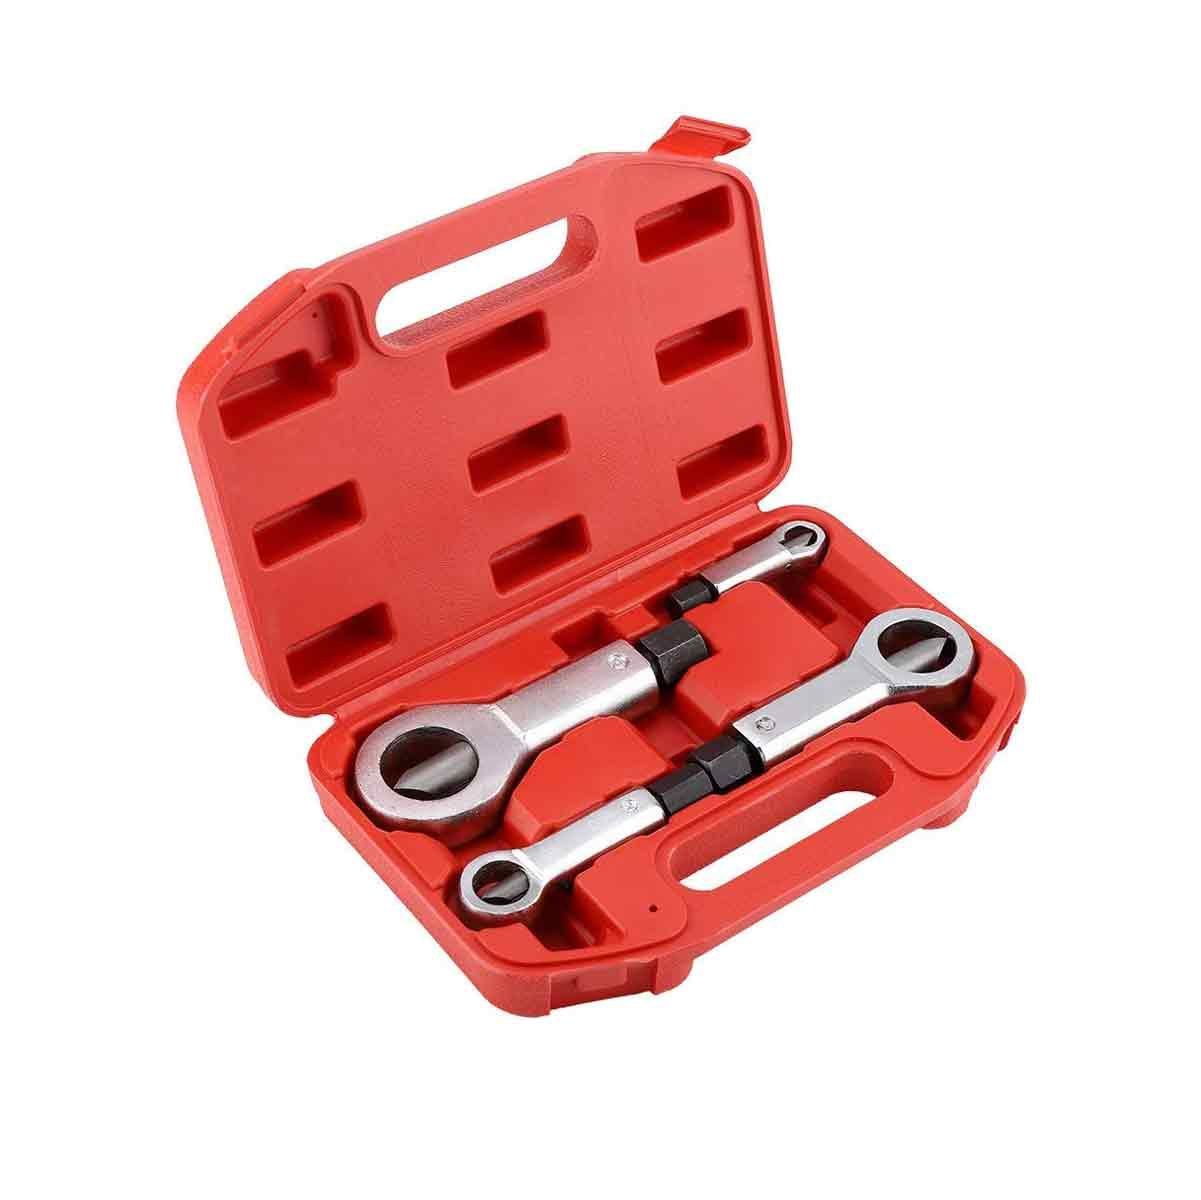 Nut-Splitter kit